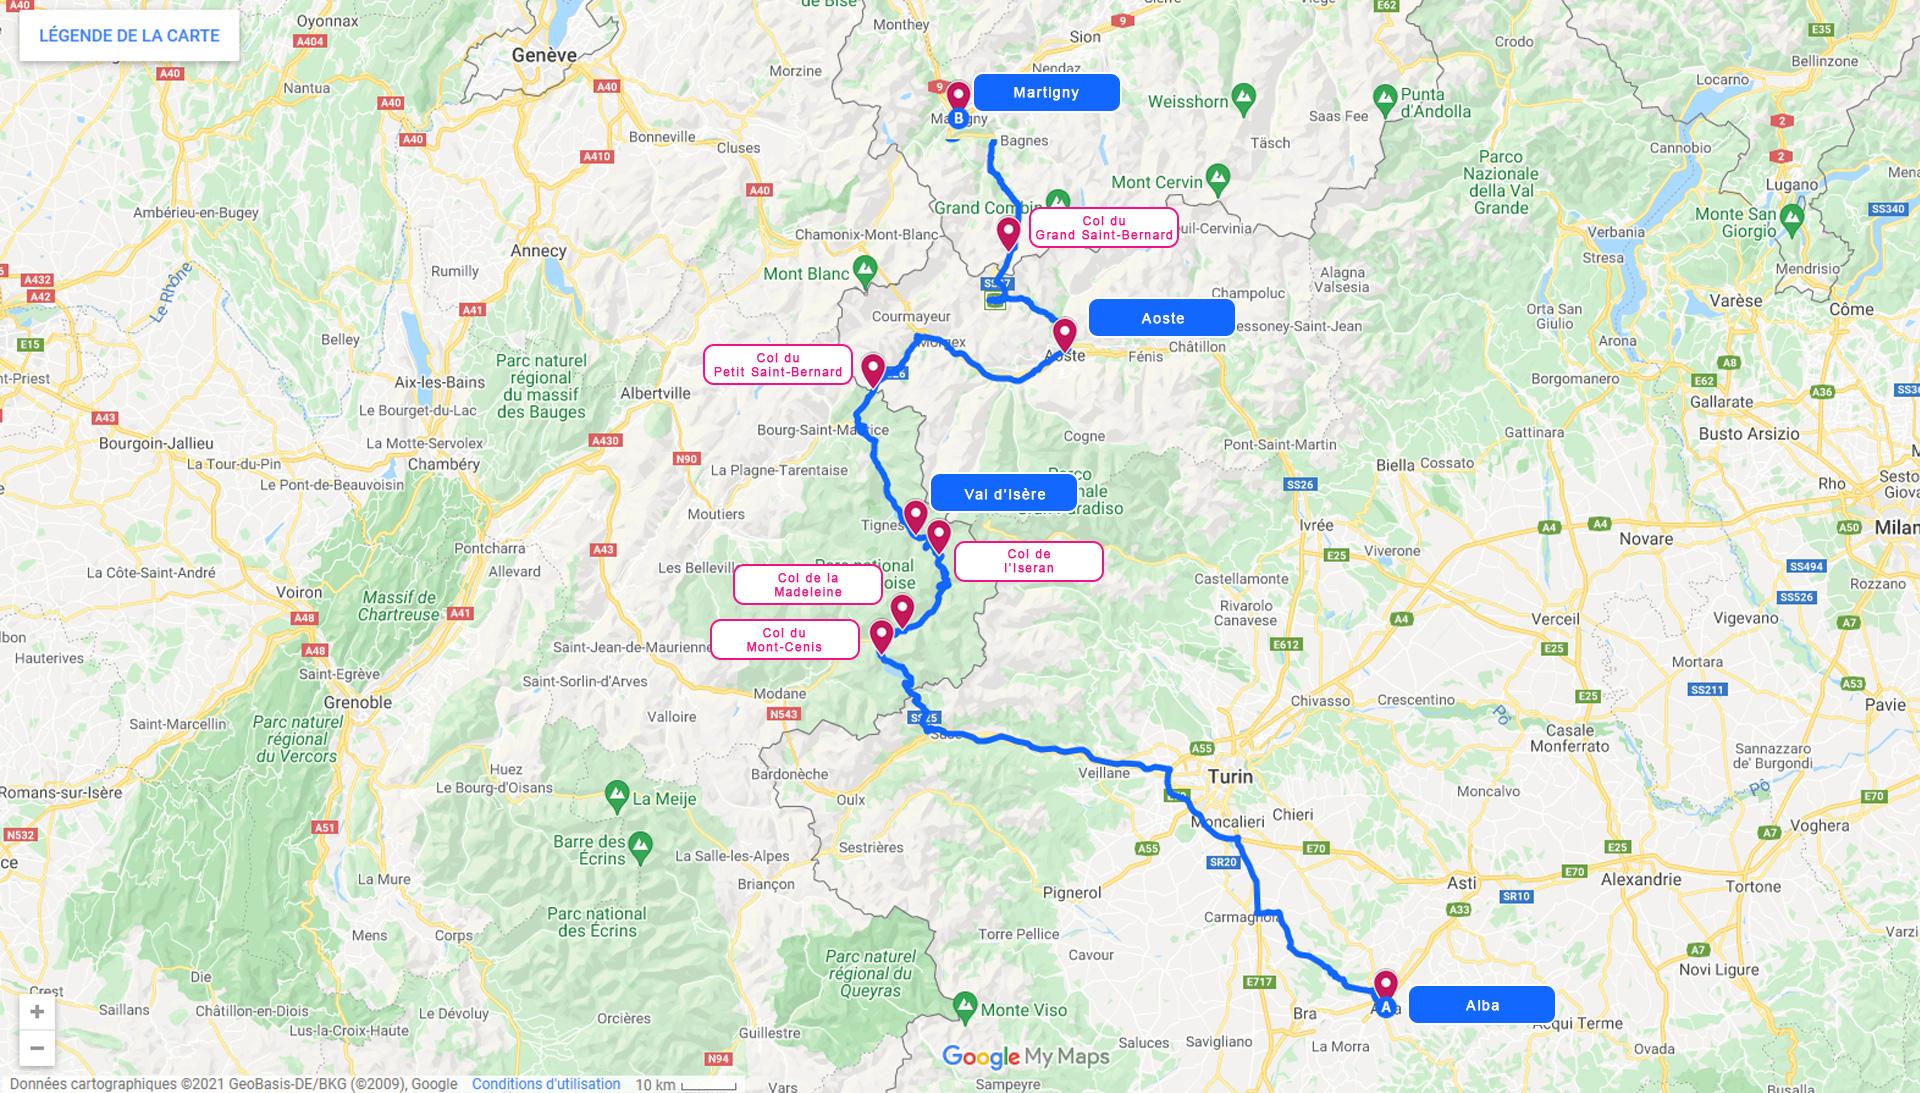 2022, legends alps tour, jour 5